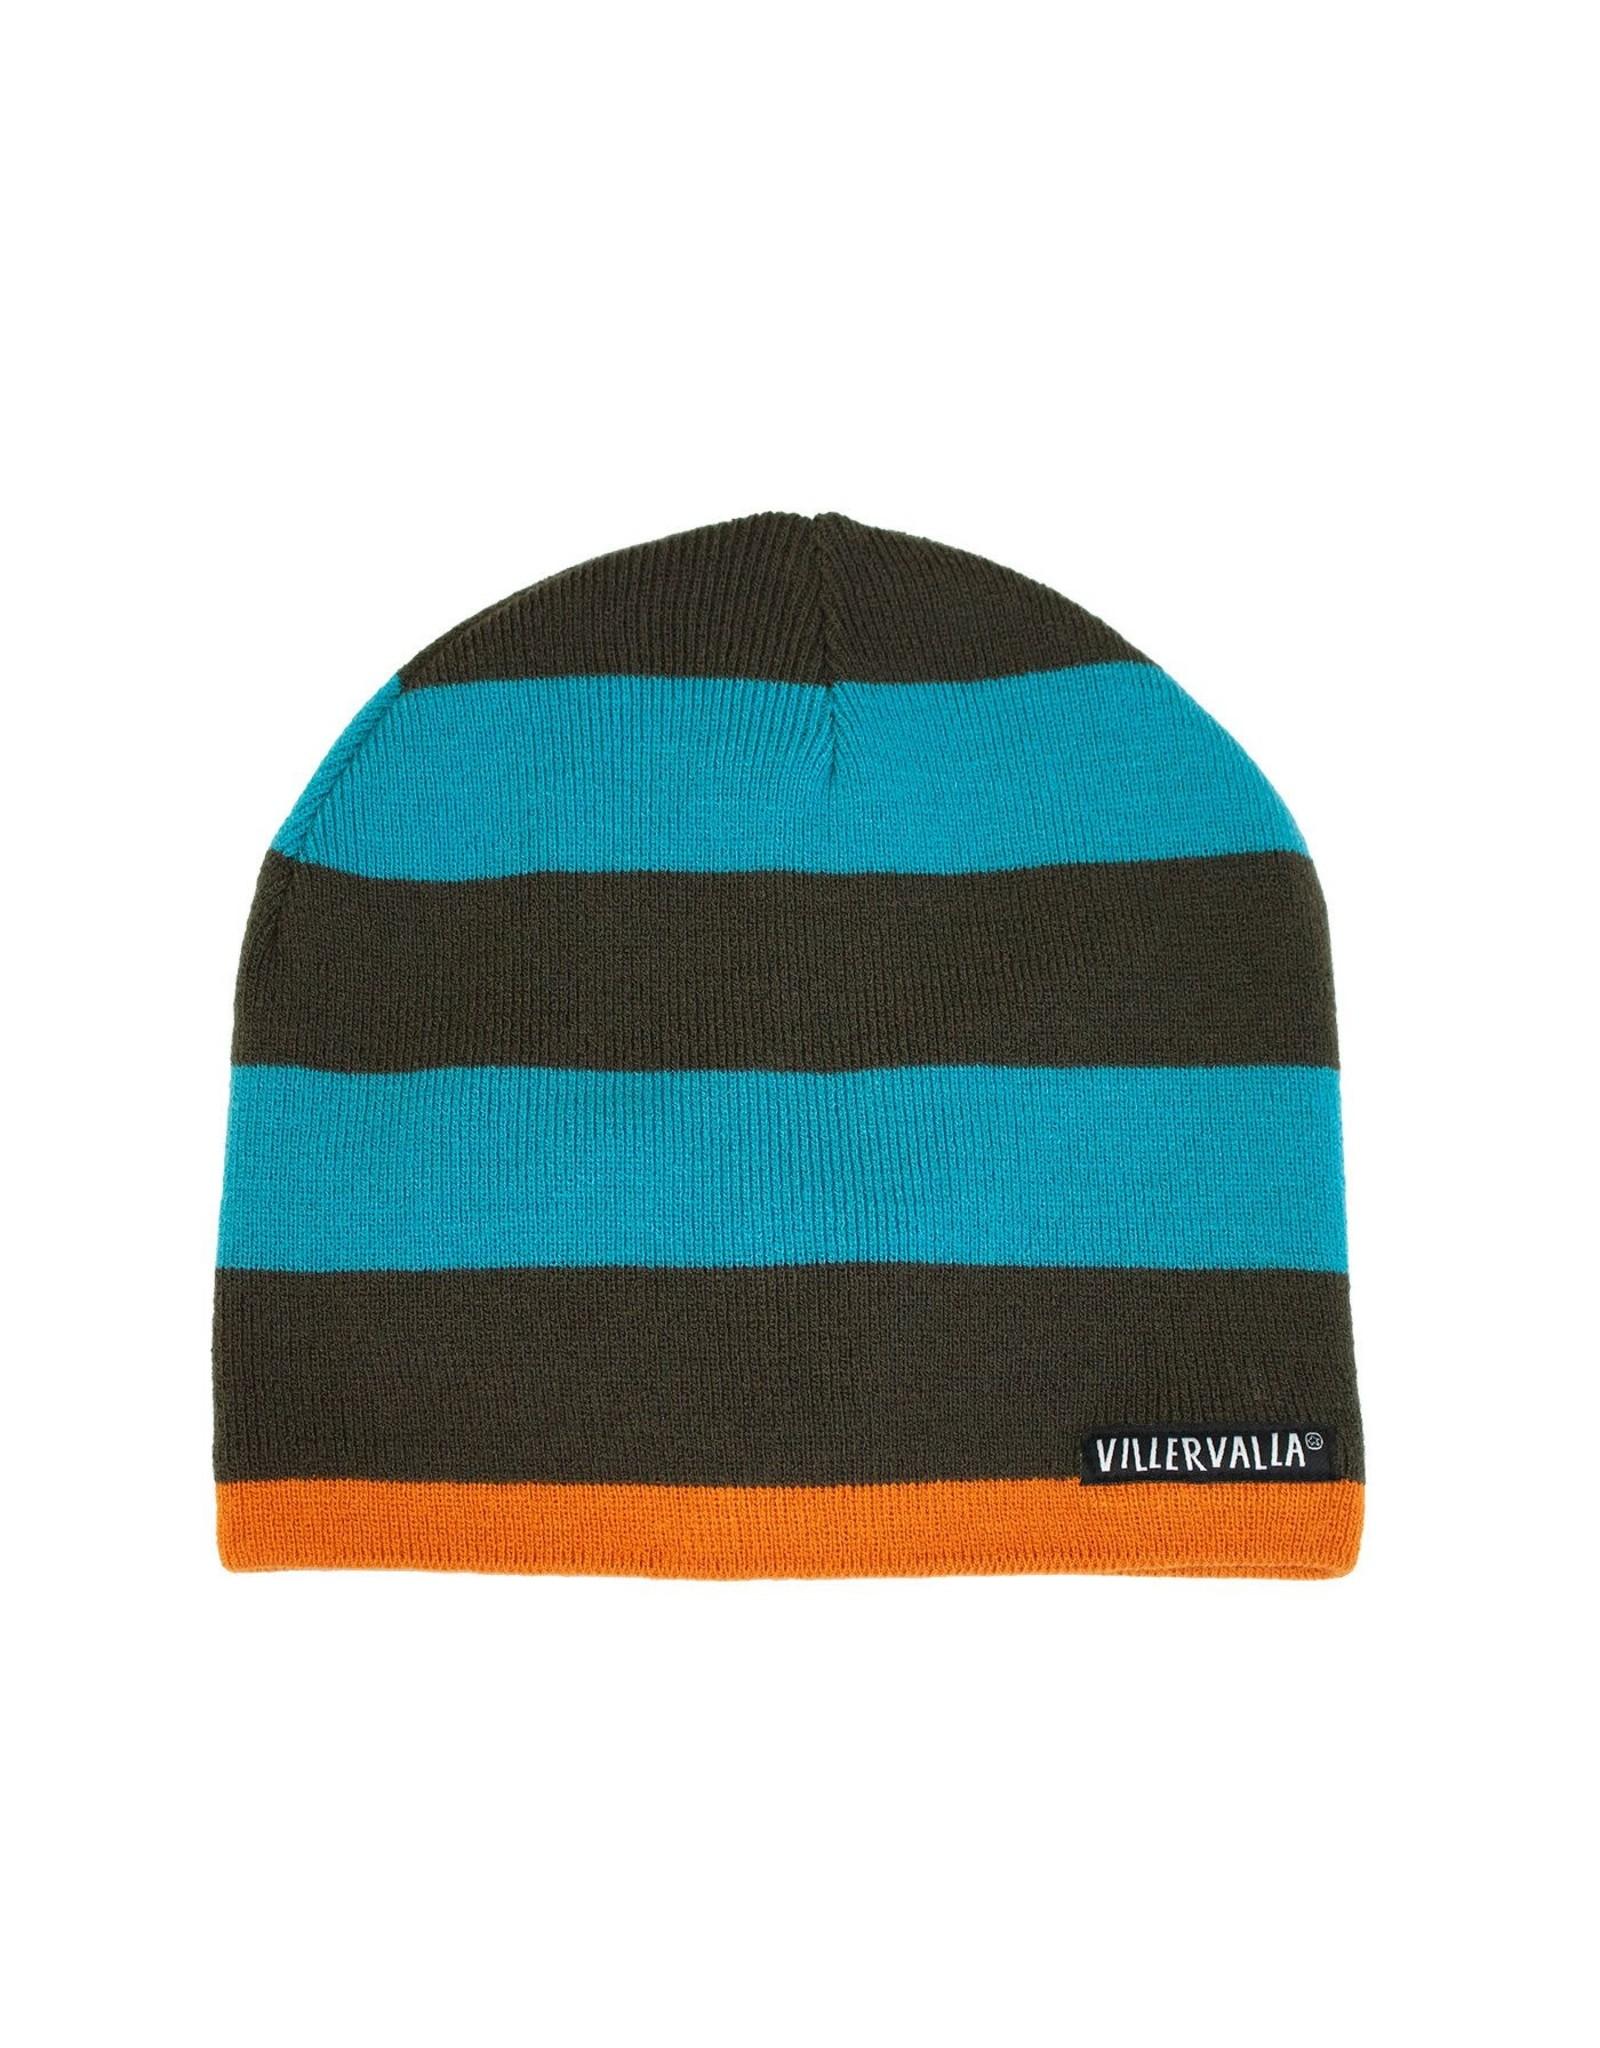 Villervalla Warme wintermuts met blauw/bruine strepen